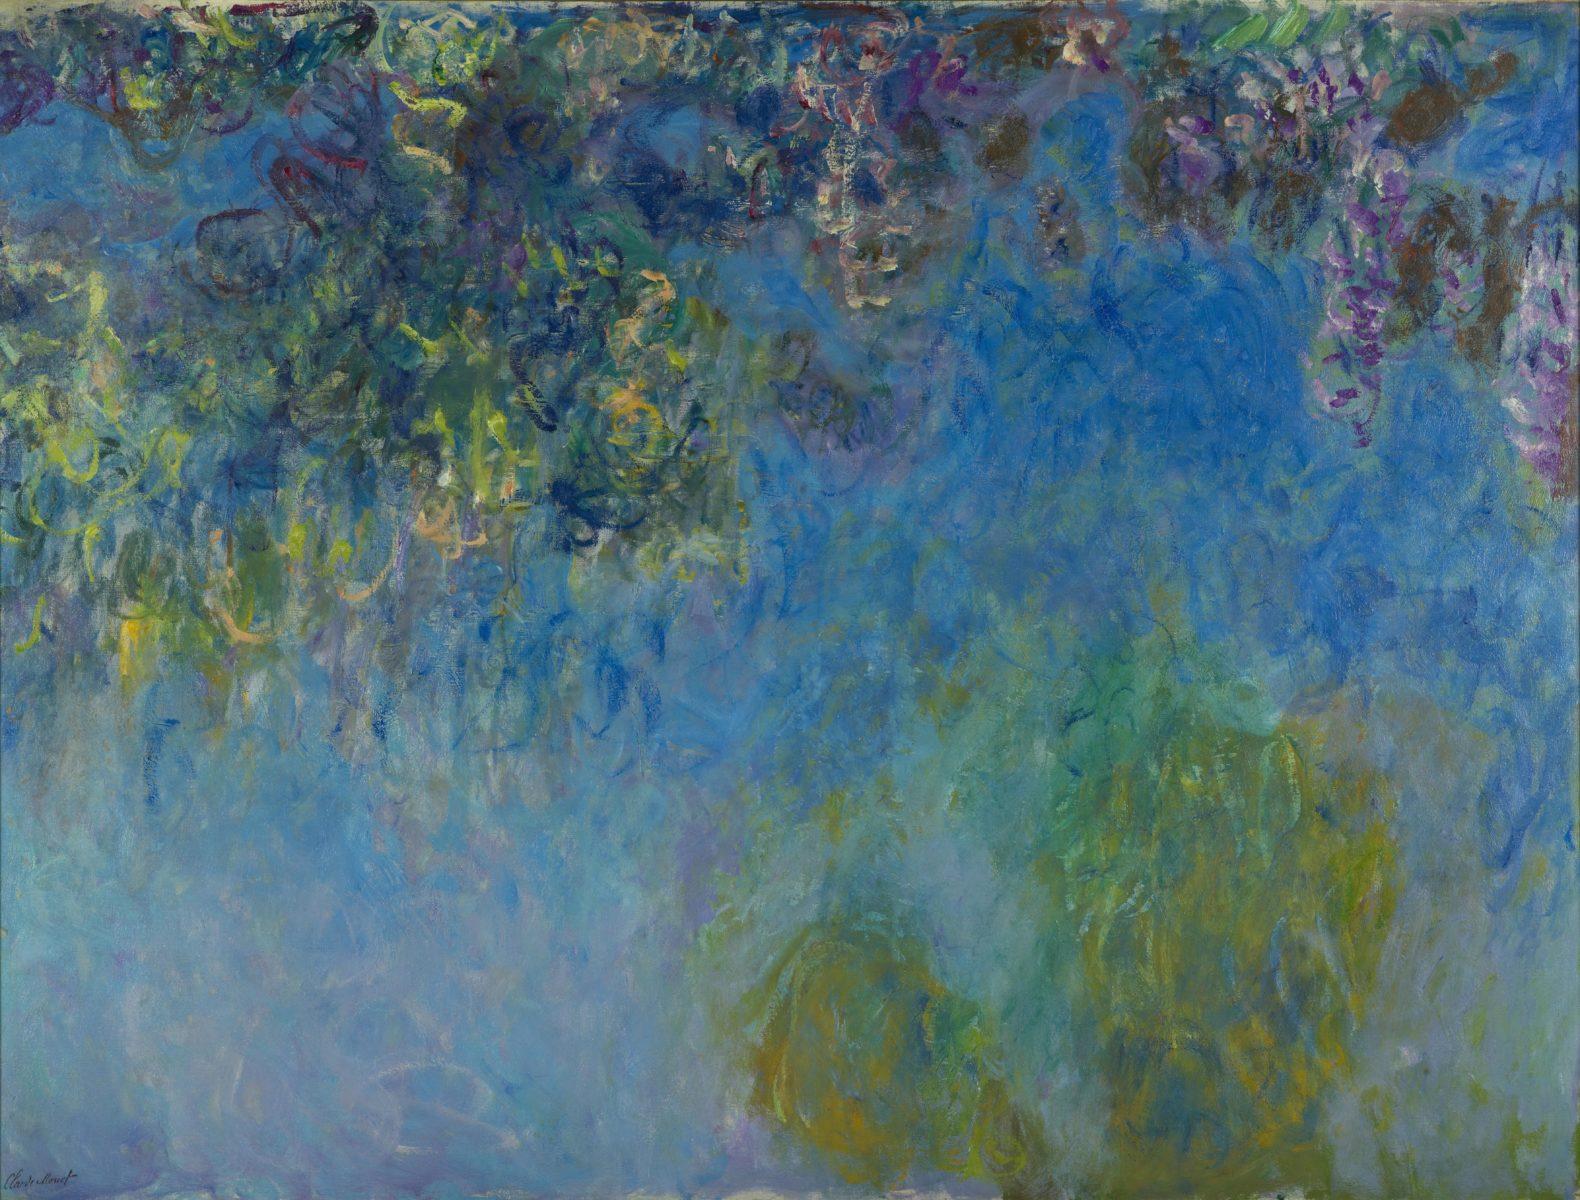 Claude Monet (1840-1926), Wisteria, 1917 -1920. Gemeentemuseum Den Haag.